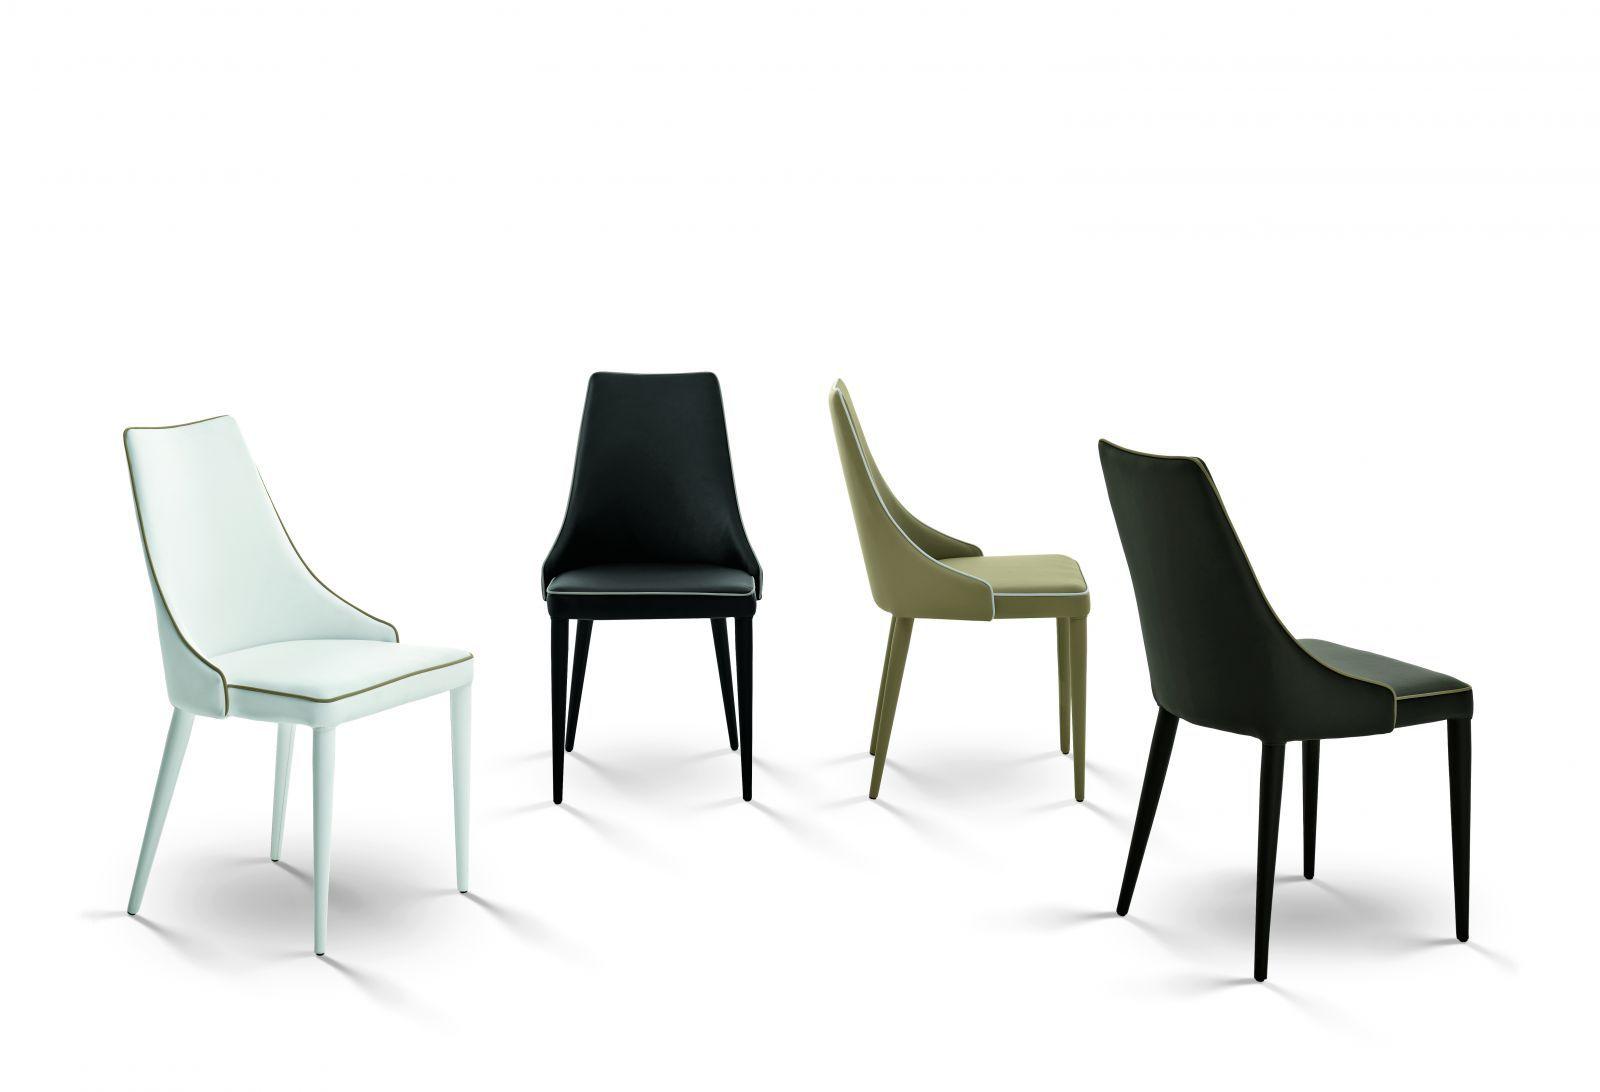 sedie da sala da pranzo. Mobili Tavoli Sedie Complementi Divani Letti Design Letti D Autore Sedie Laterali Sedia Per Sala Da Pranzo Sedie Per Tavolo Da Pranzo